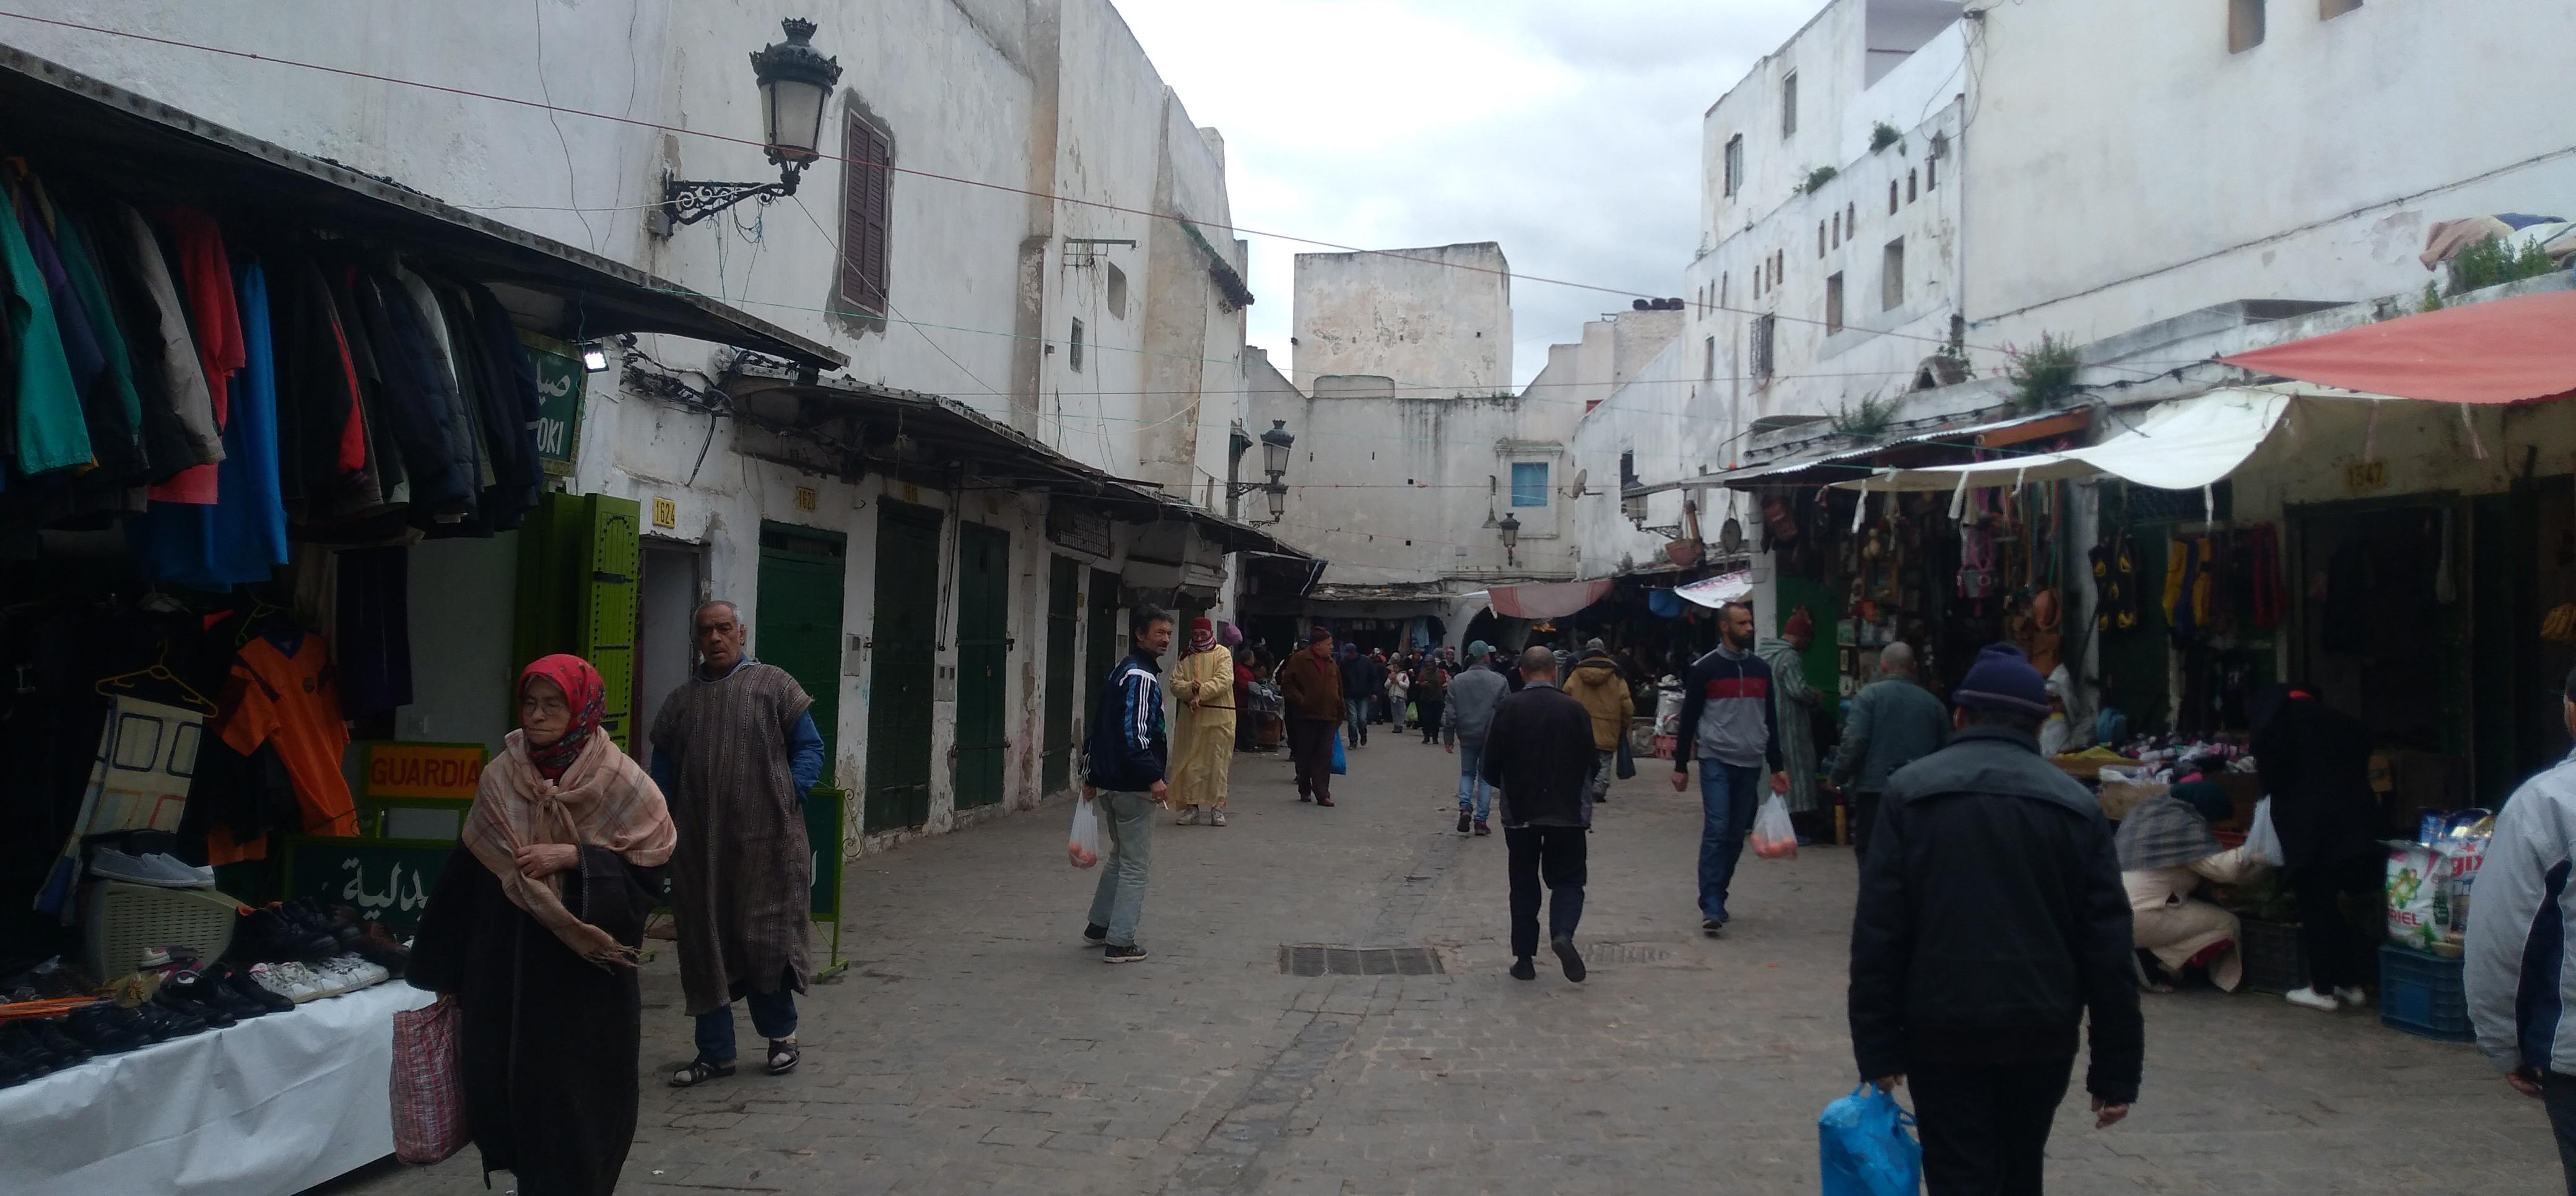 Mercado de Tetuán